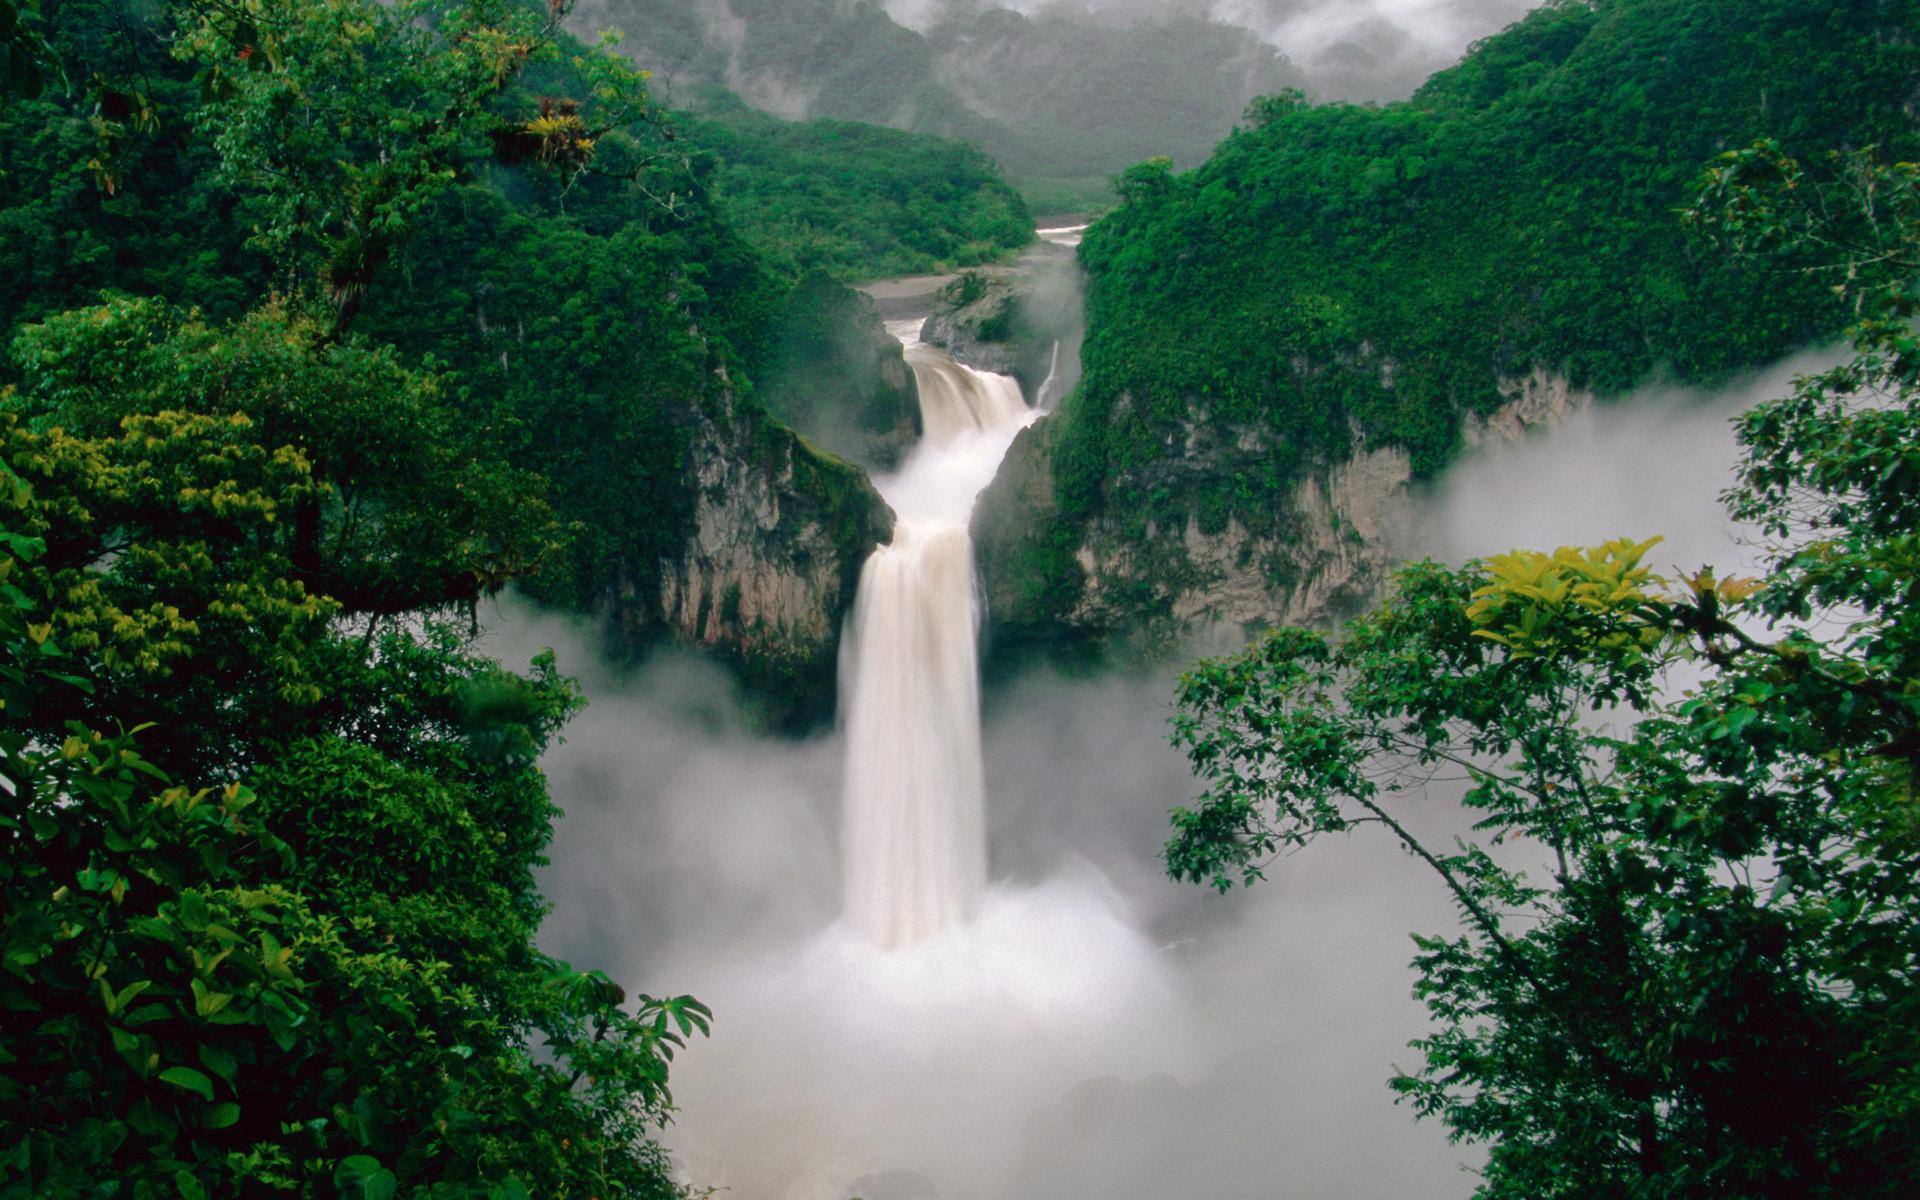 http://img-fotki.yandex.ru/get/4129/39799969.d3/0_81852_3887eb14_orig.jpg